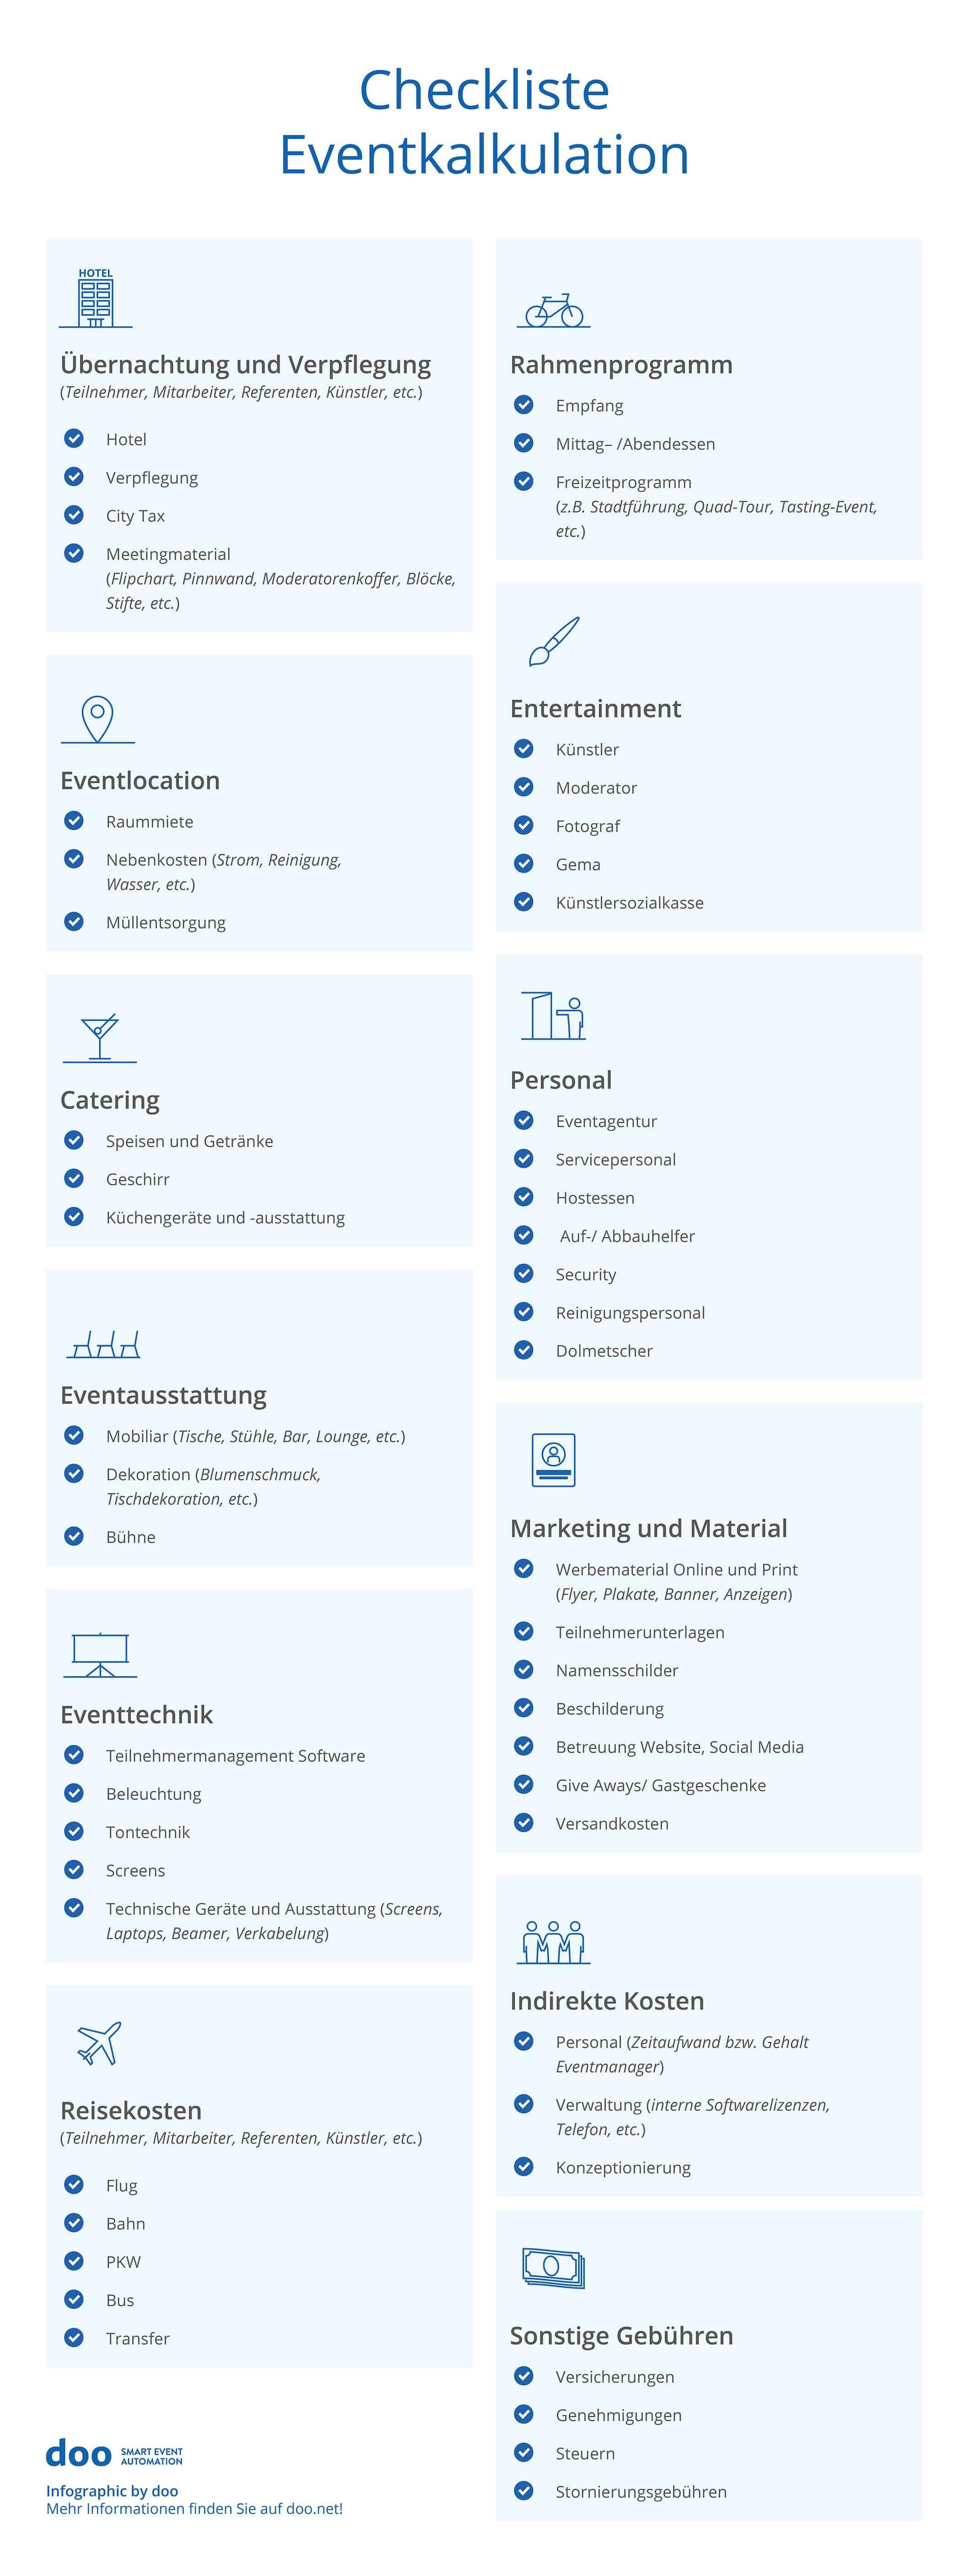 Checkliste Zur Kalkulation Von Veranstaltungskosten So Geht S